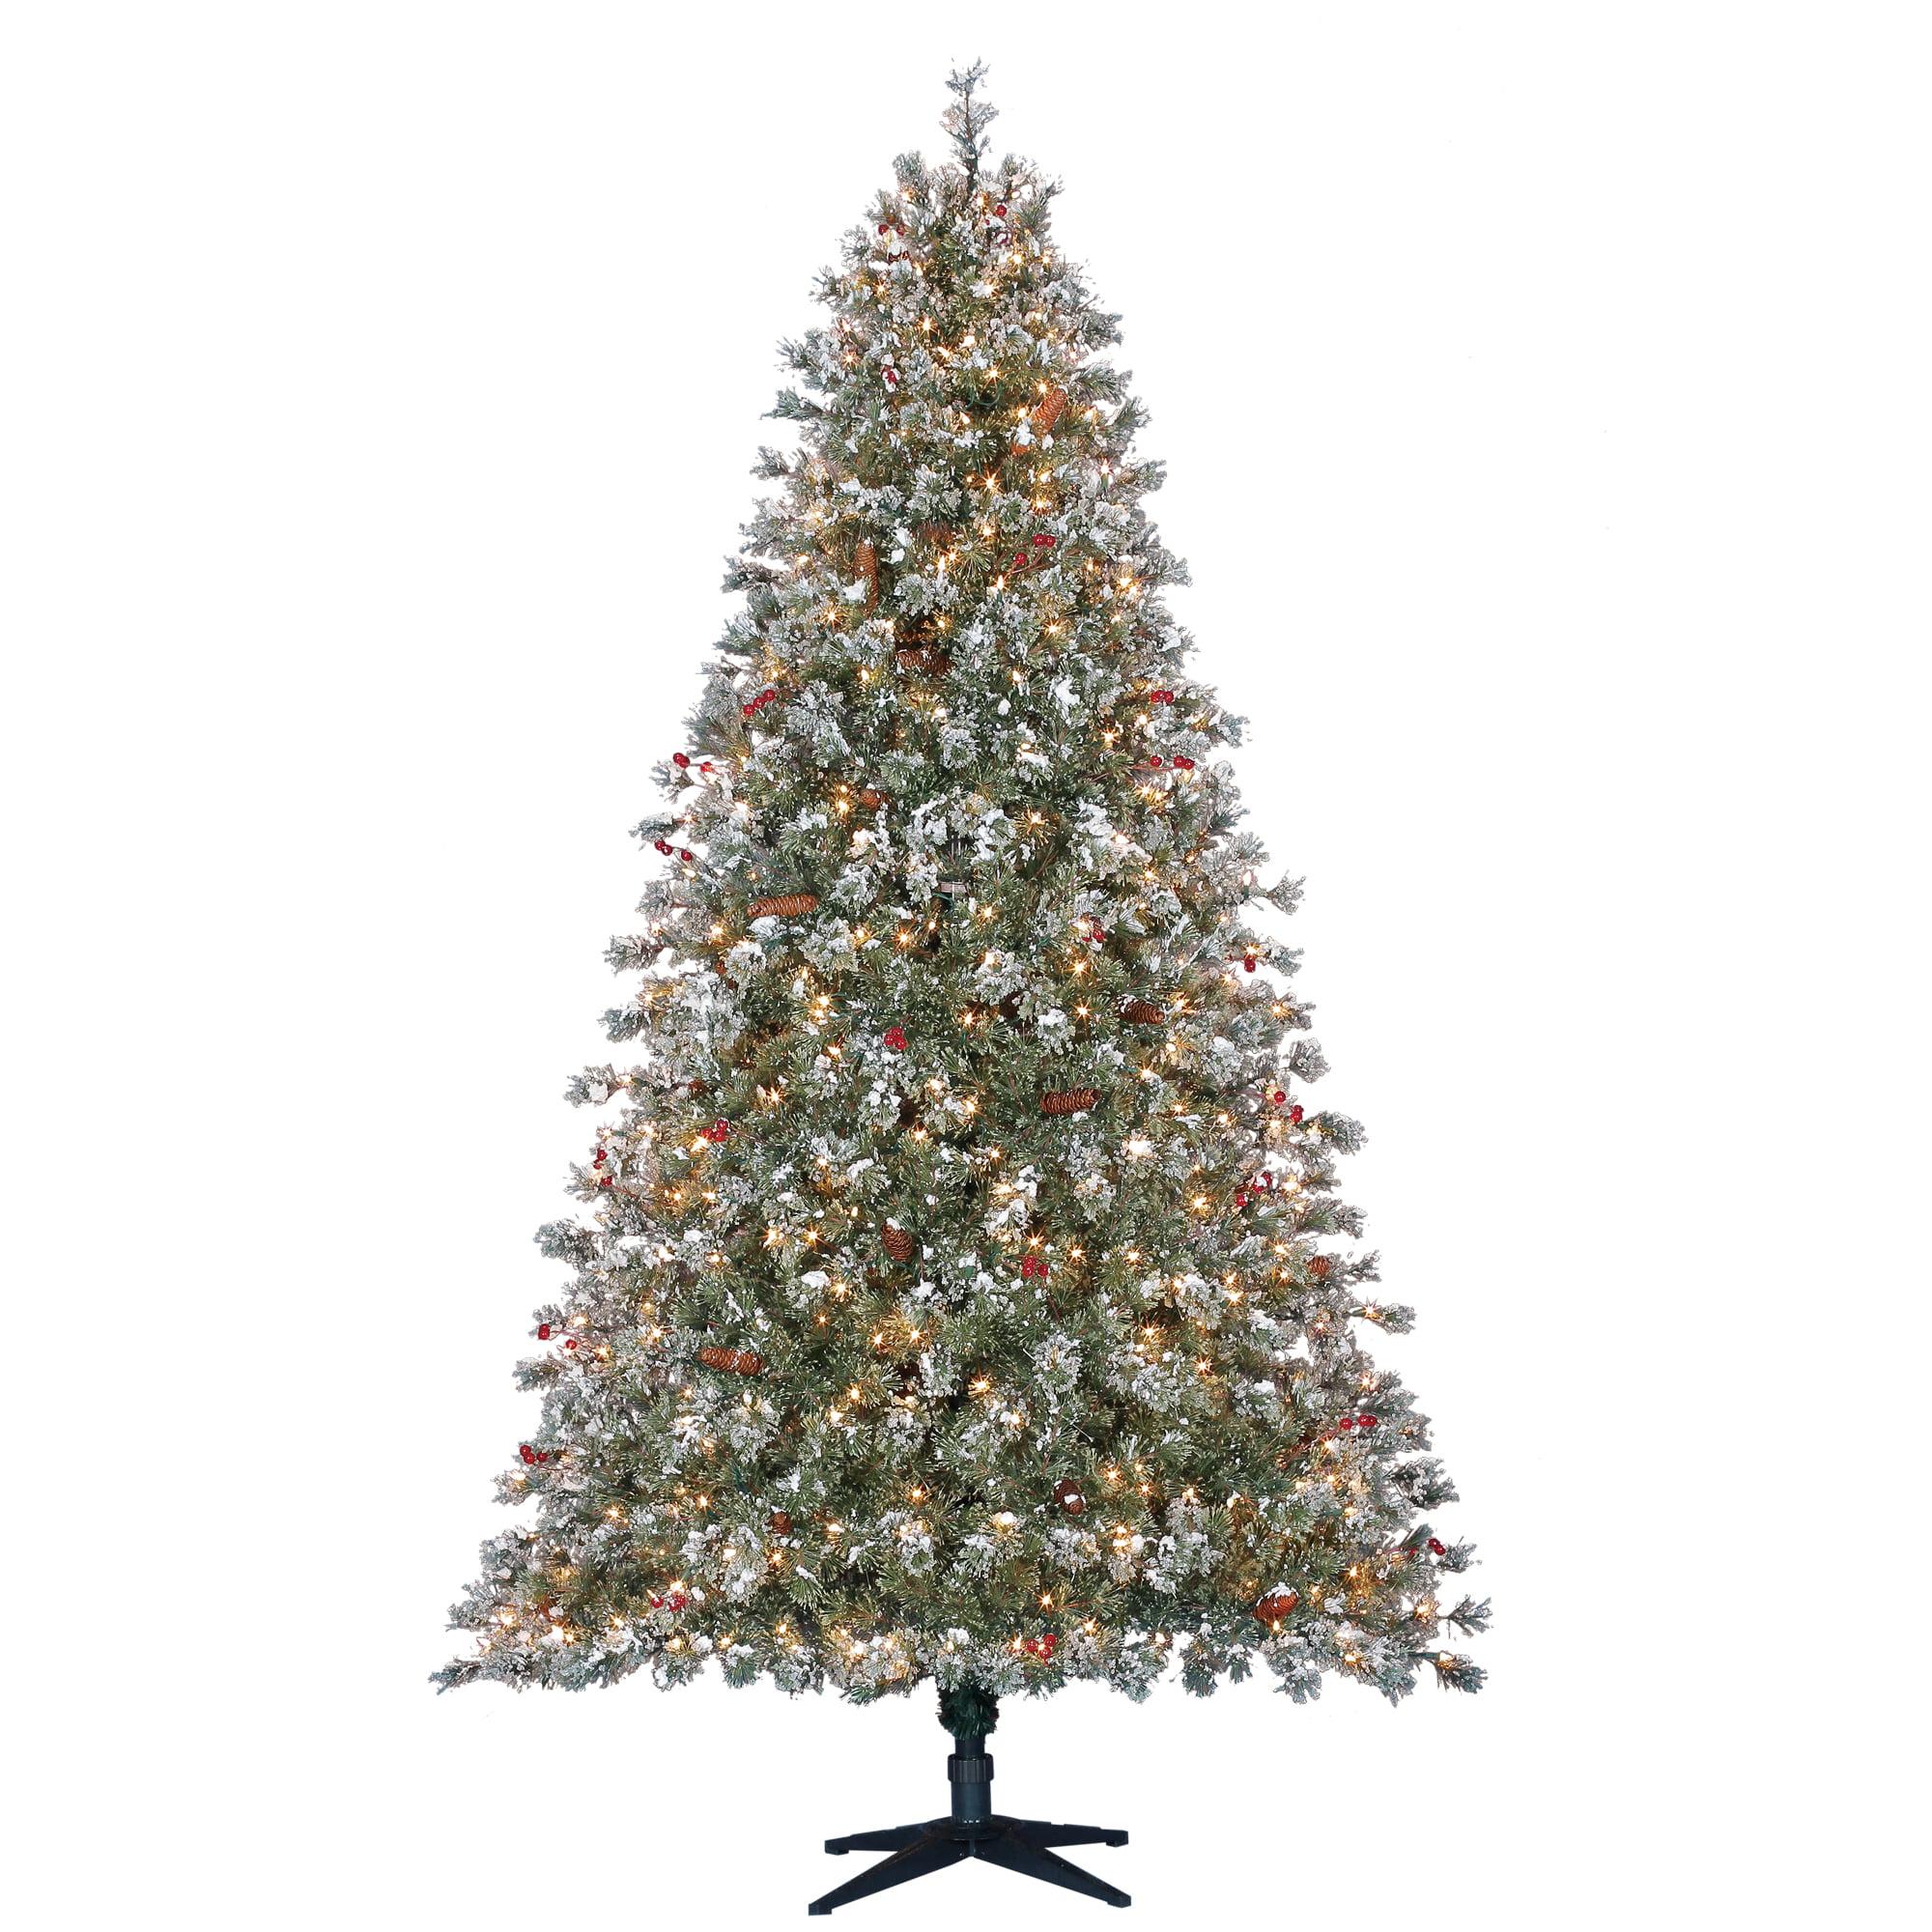 Holiday Time Prelit Fir Christmas Tree 7.5 Ft, Green